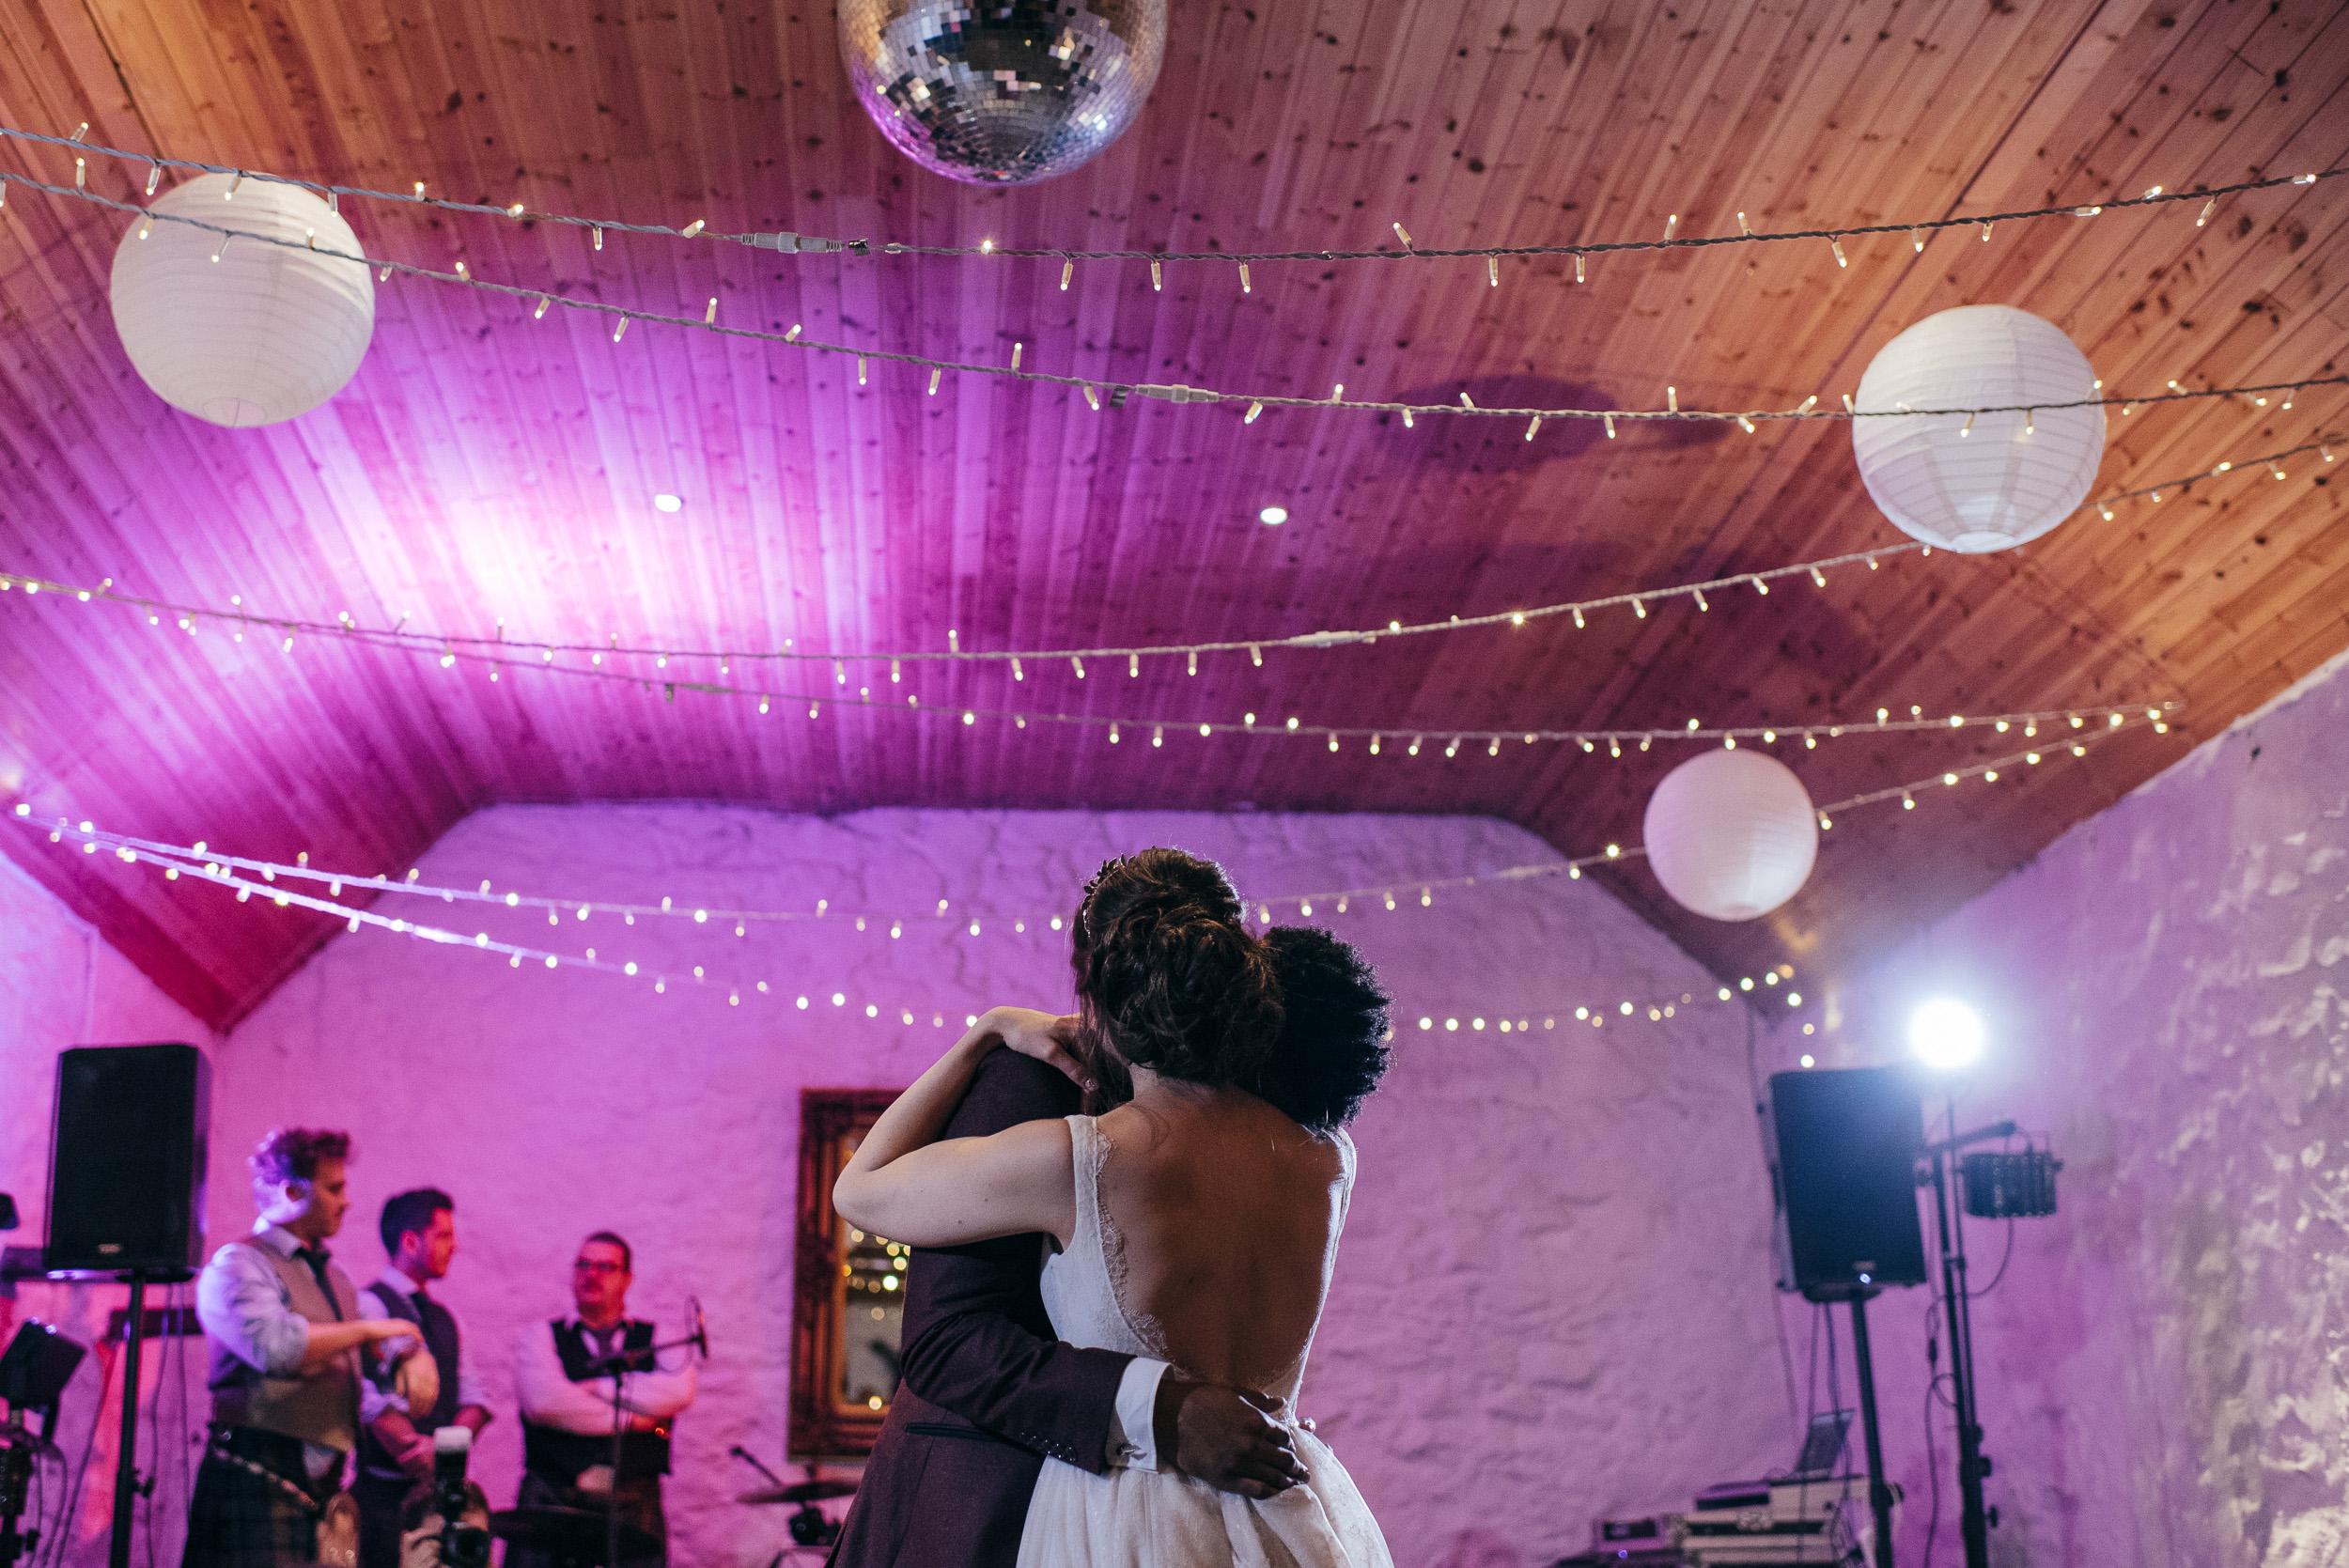 Dancing at Dalduff